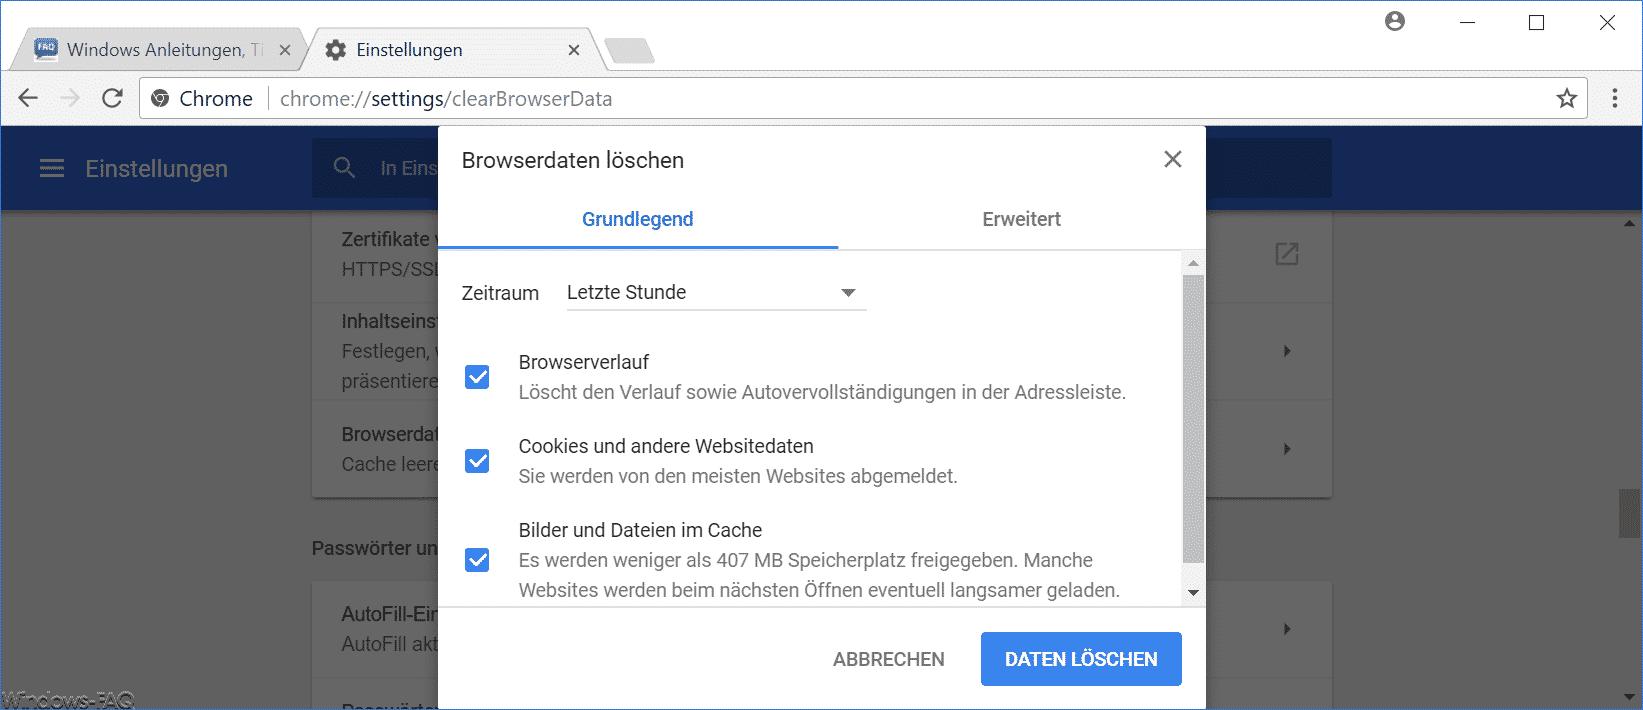 Chrome Browserdaten löschen Grundlegend oder Erweitert